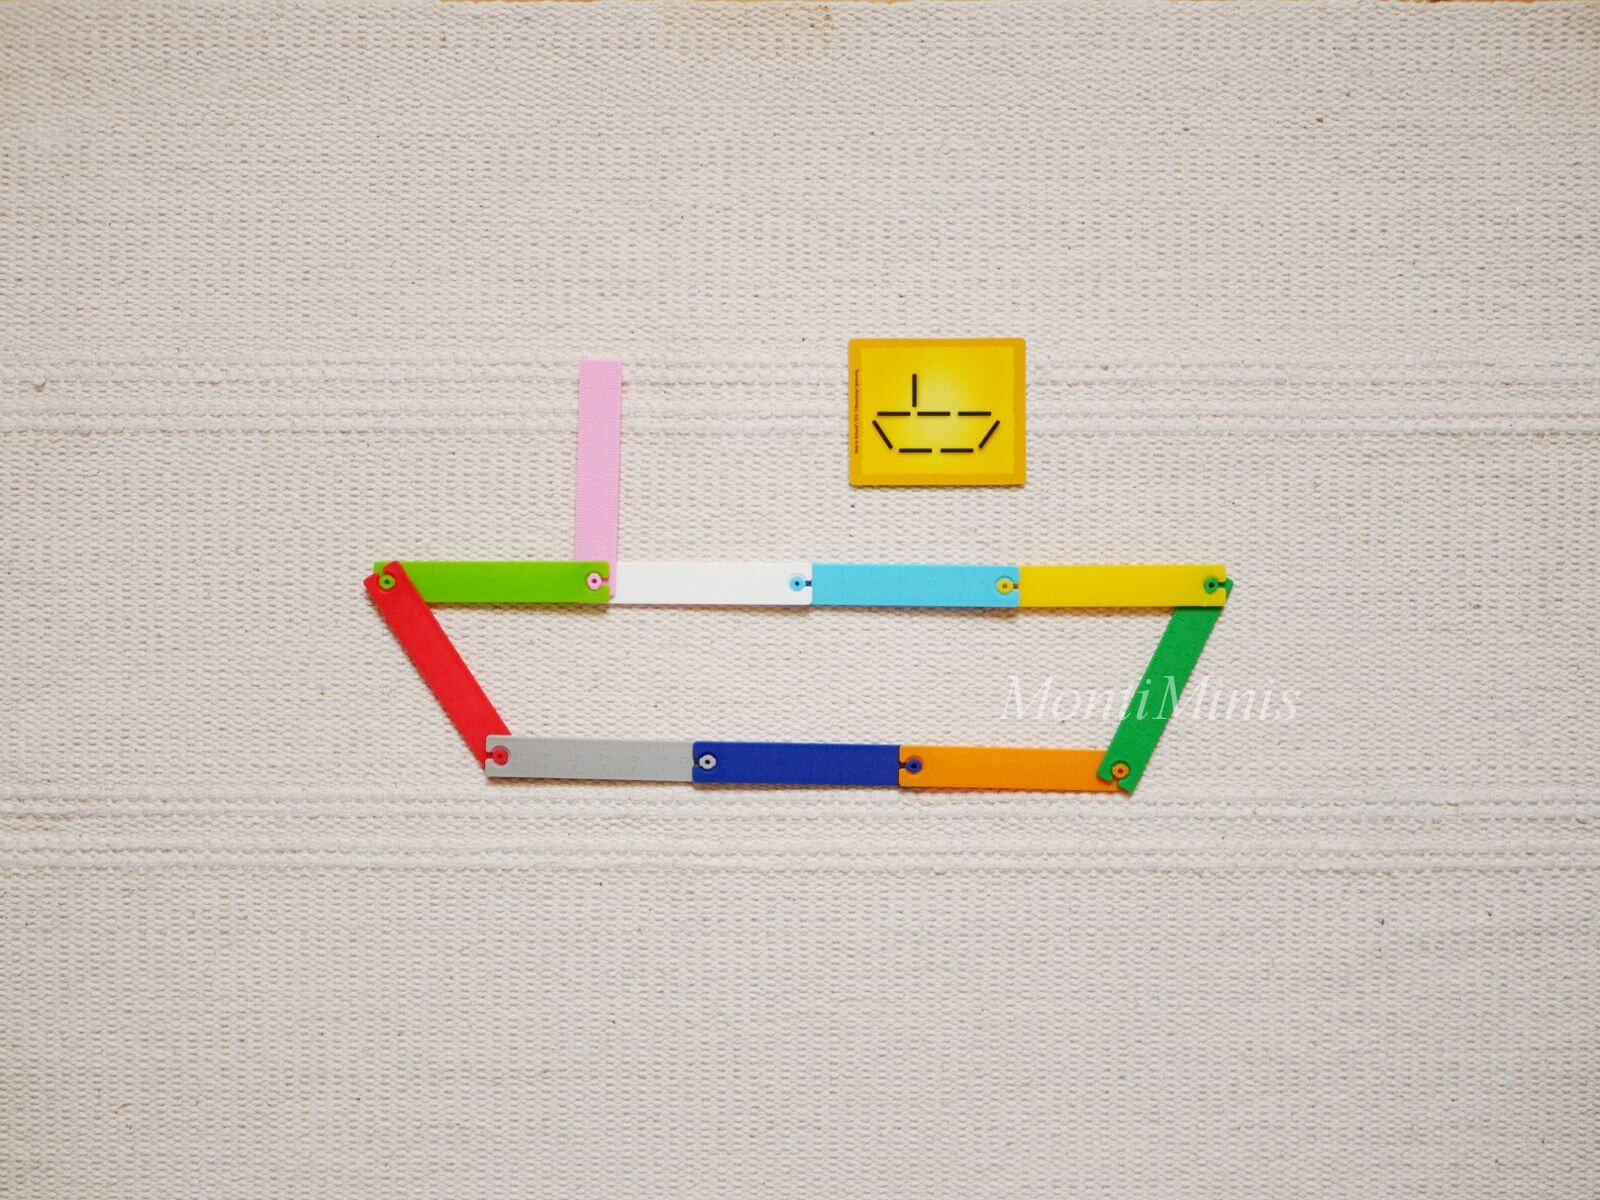 Mathematik-Aktionstablett: Make'n Break Architect-Mathe-Spielideen-Spielerisch lernen, Montessori Zuhause, Unterrichtsmaterial, Kindergarten, Vorschule & Grundschule-montiminis.com